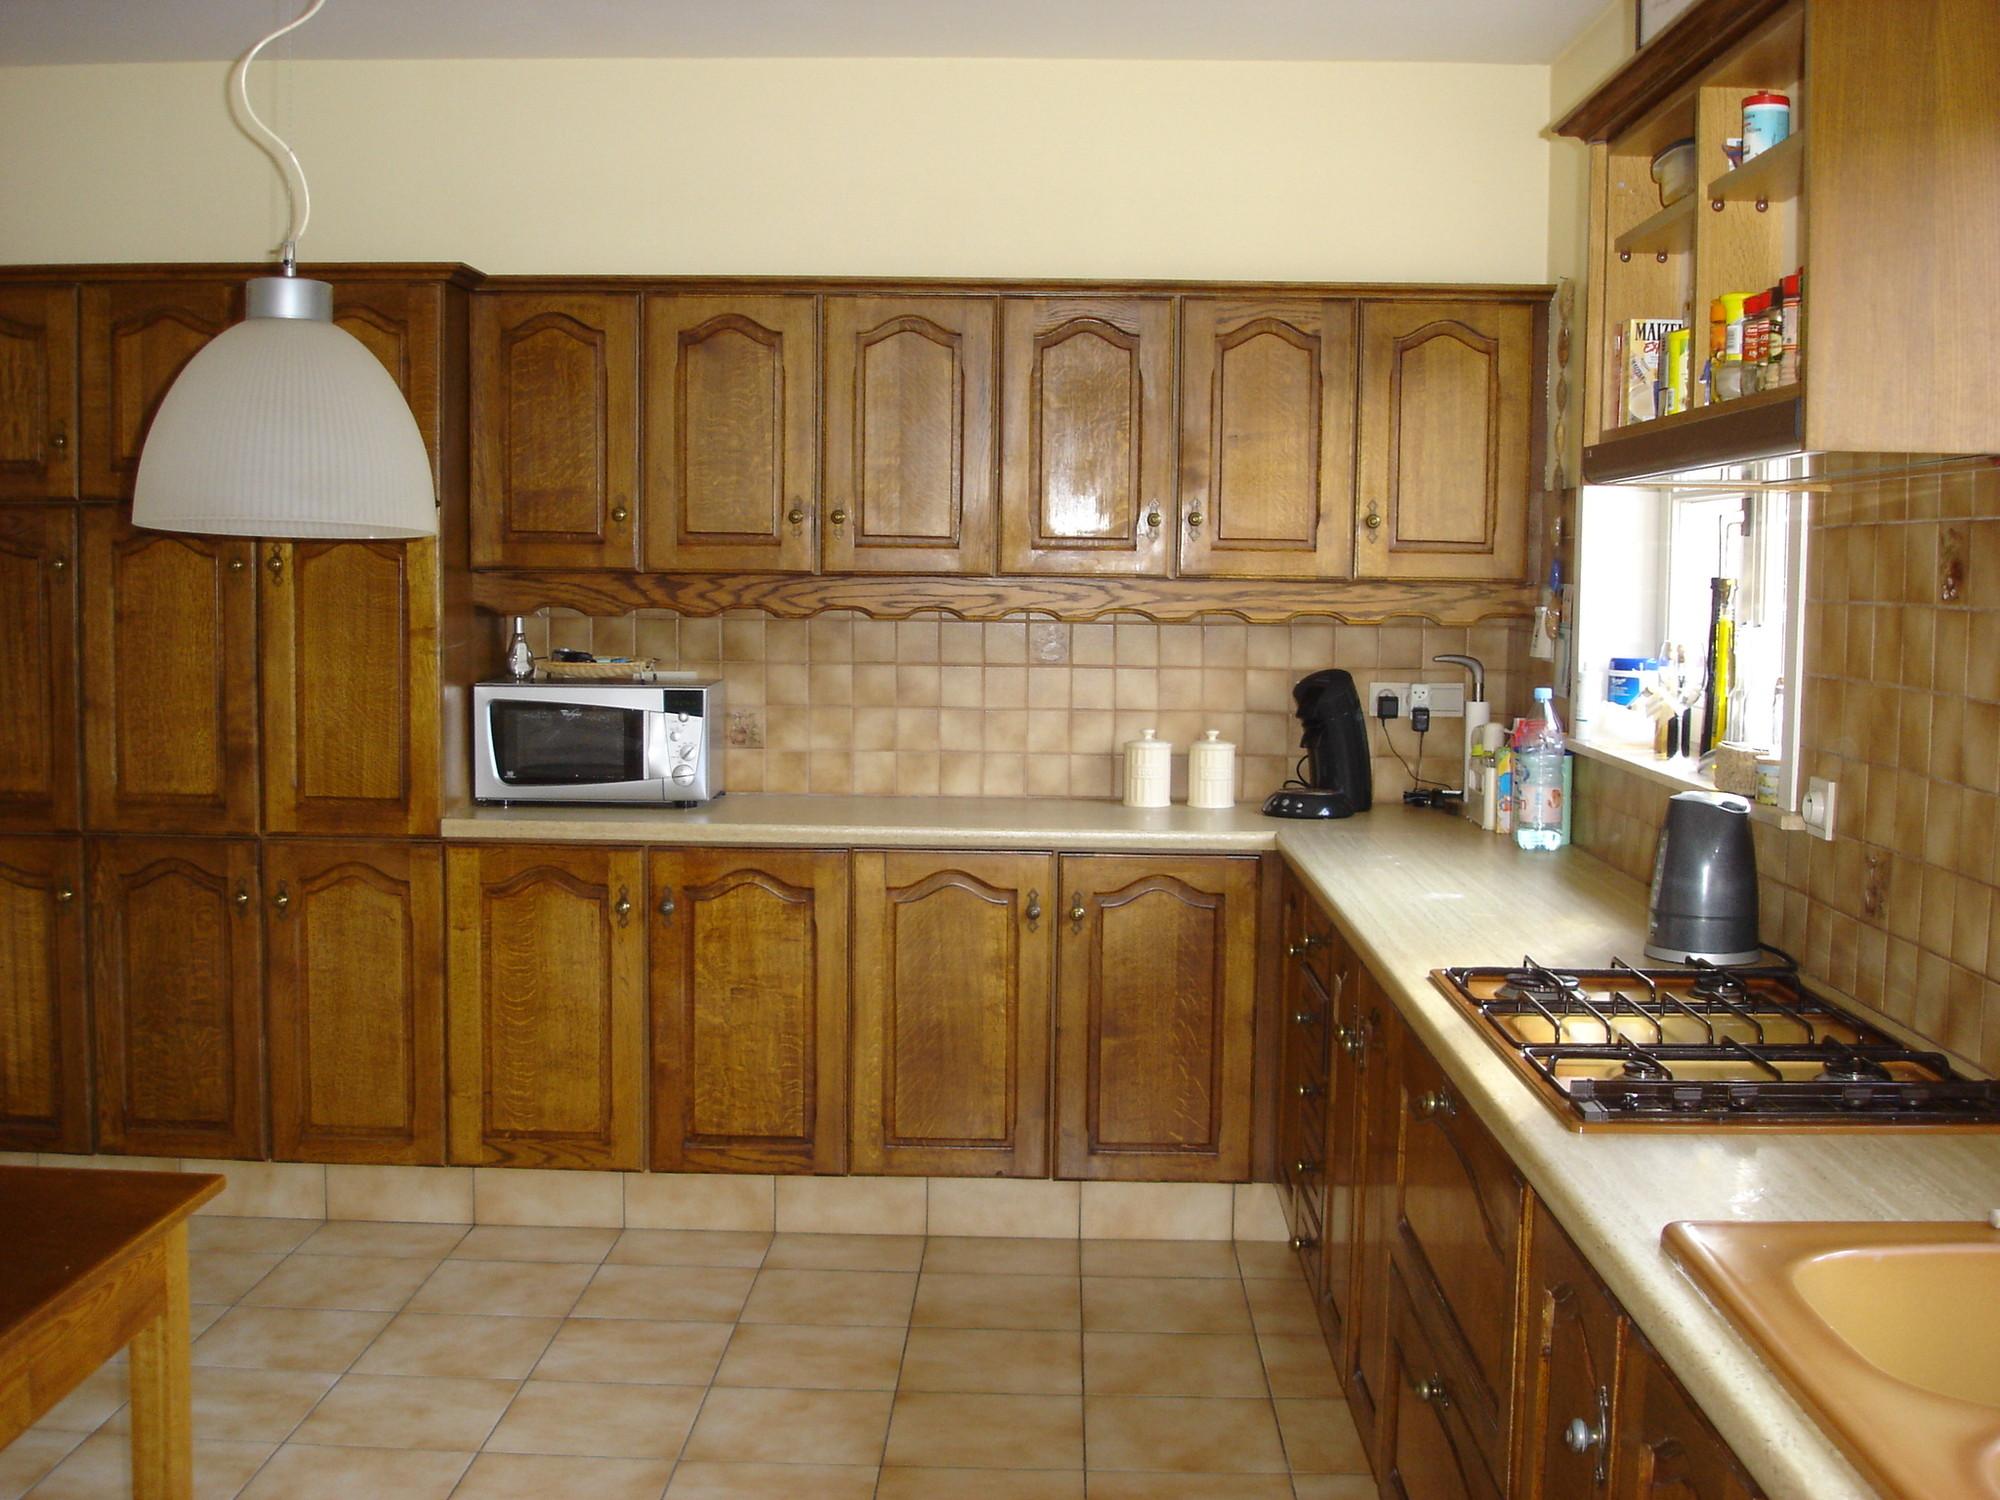 Hoe Een Eiken Keuken Schilderen : Blog – Eikenhouten keukenkasten schilderen – colora.be